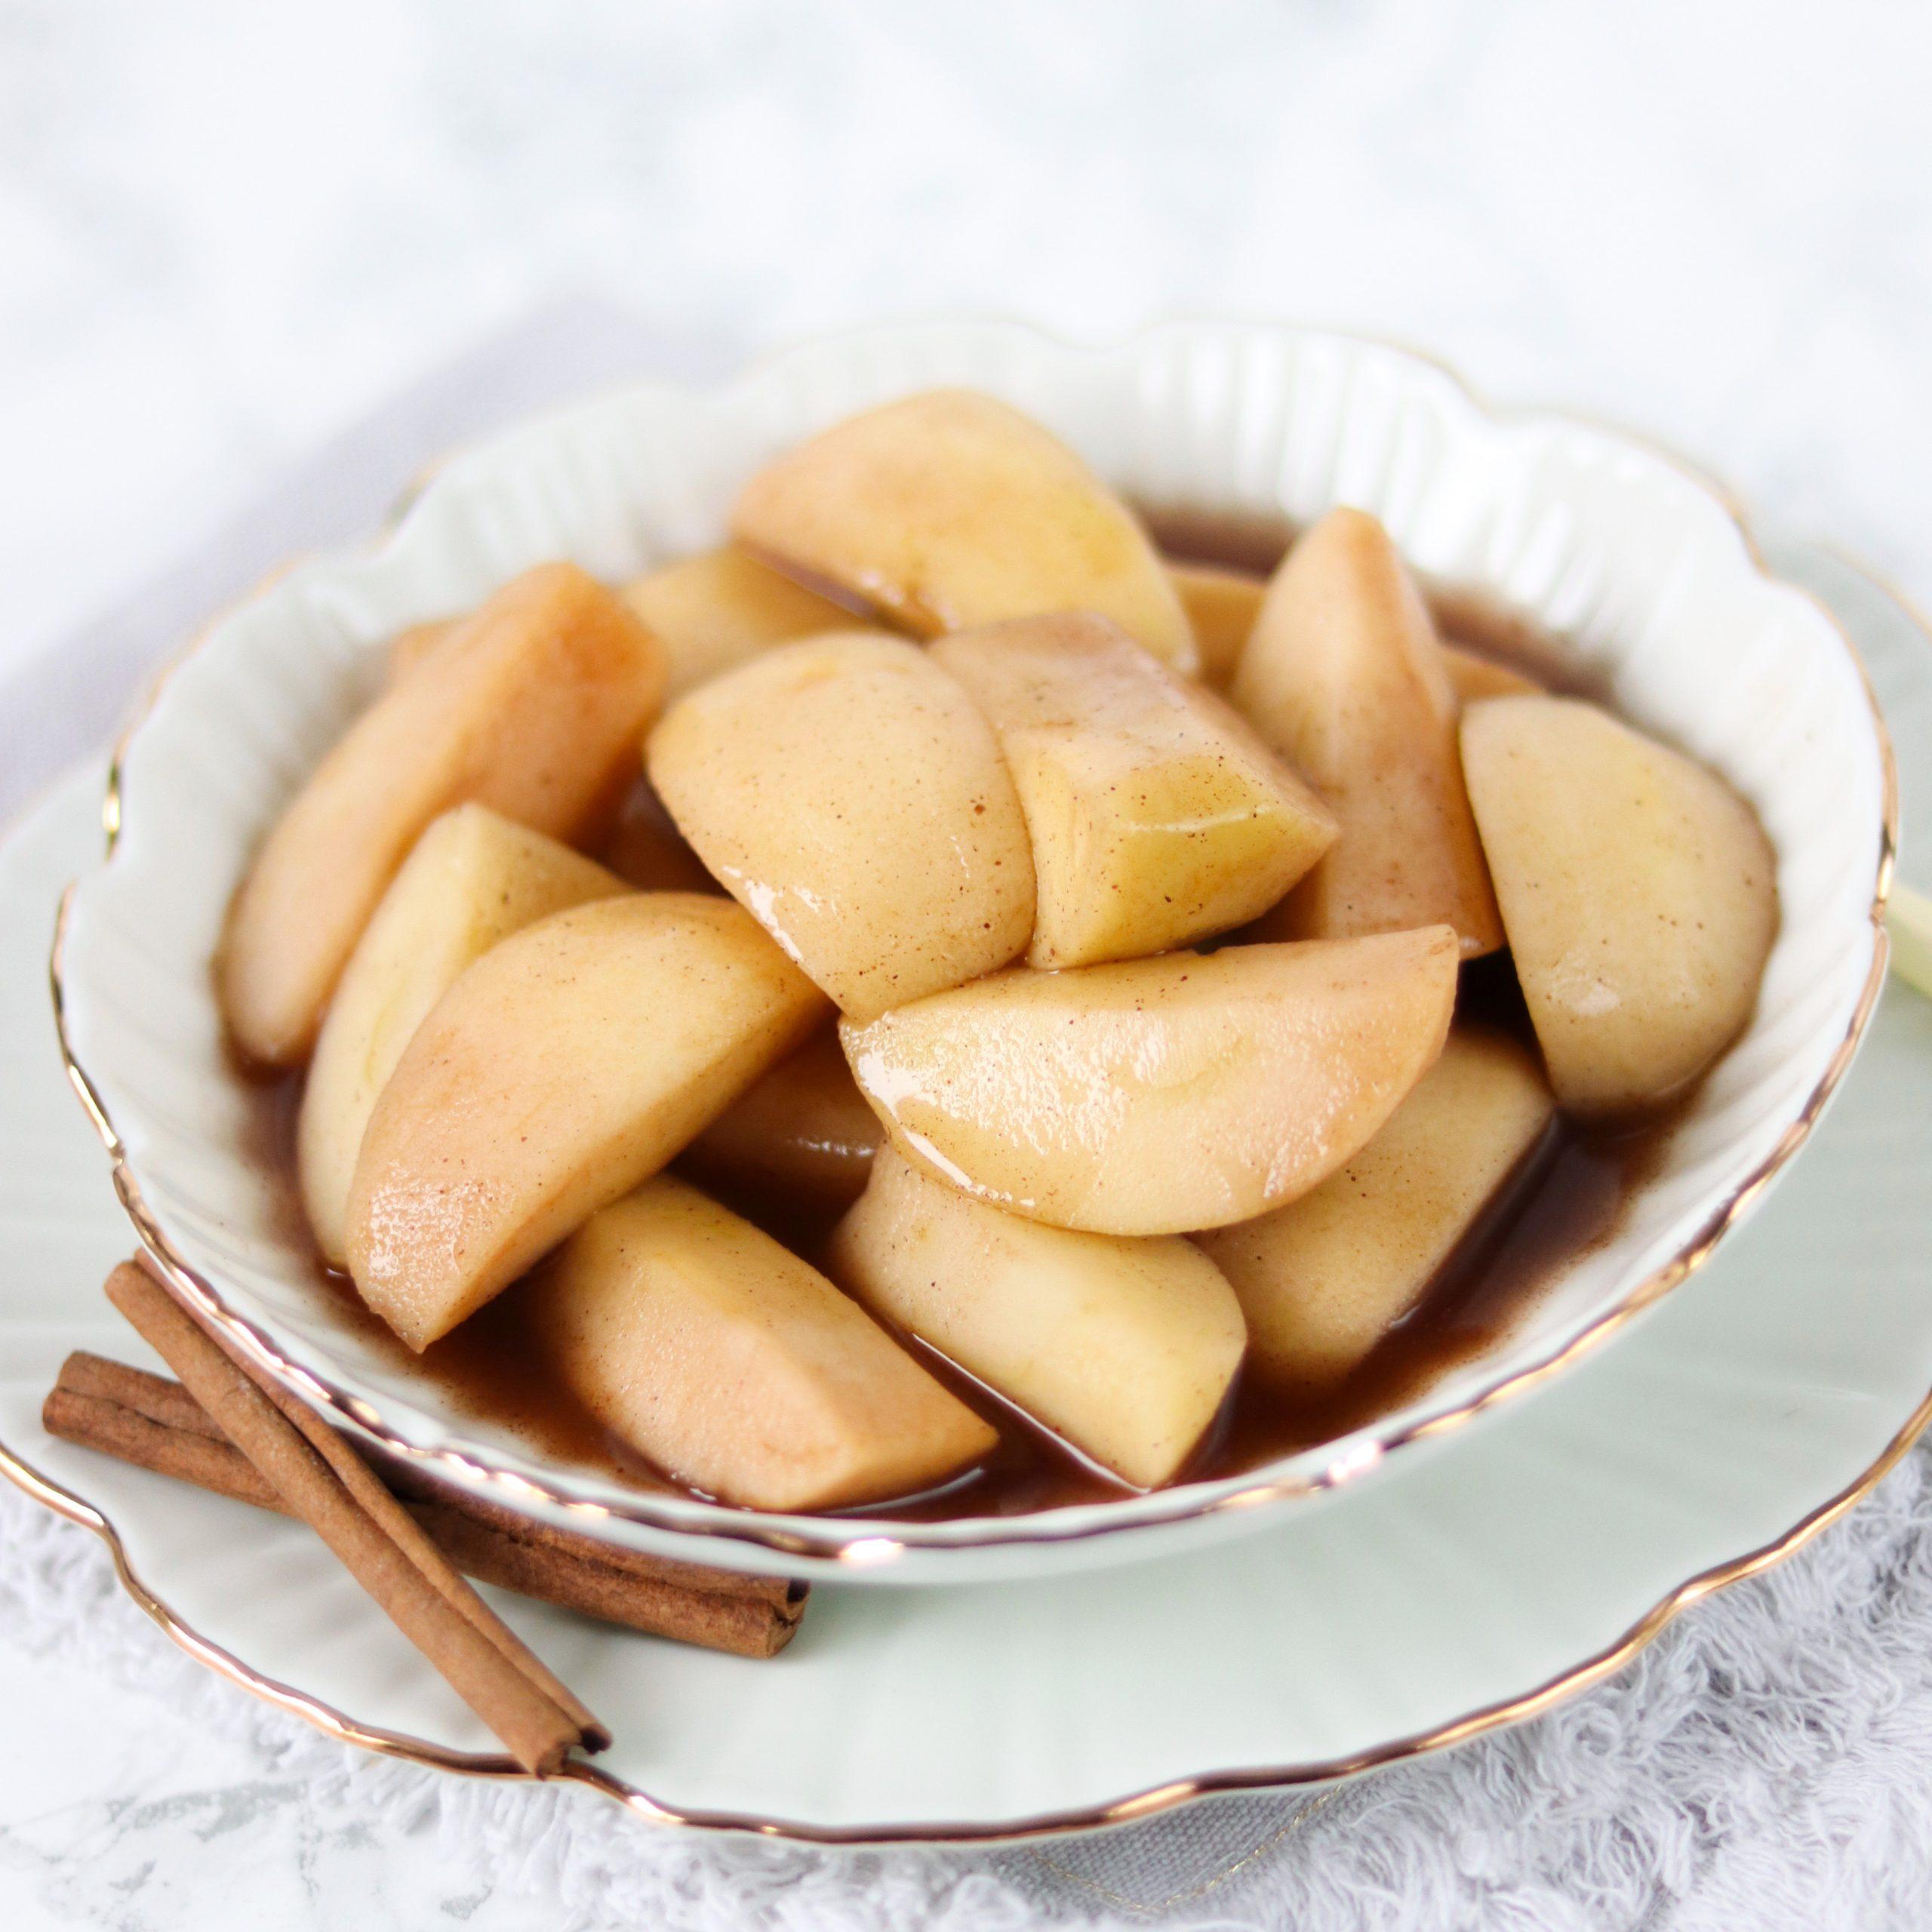 Gestoofde appels met kaneel